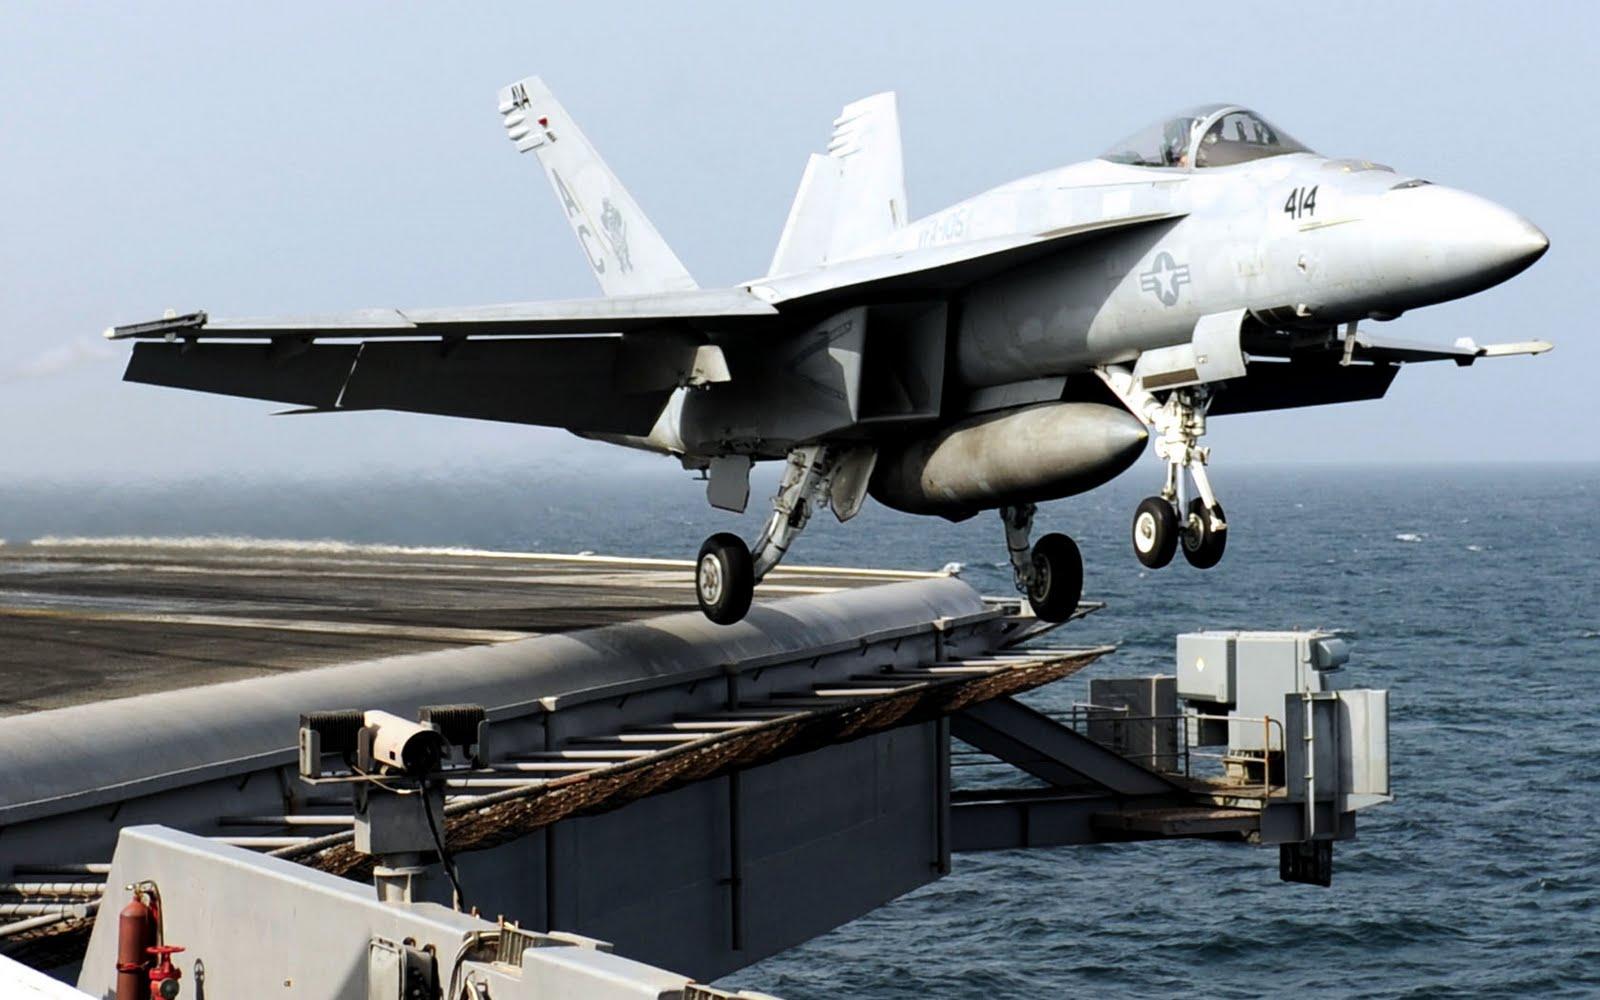 http://2.bp.blogspot.com/_8_4GnCTp578/TID26kRZyuI/AAAAAAAABZI/c0YF_LpPHGQ/s1600/F18E-Carrier-Launch.jpg